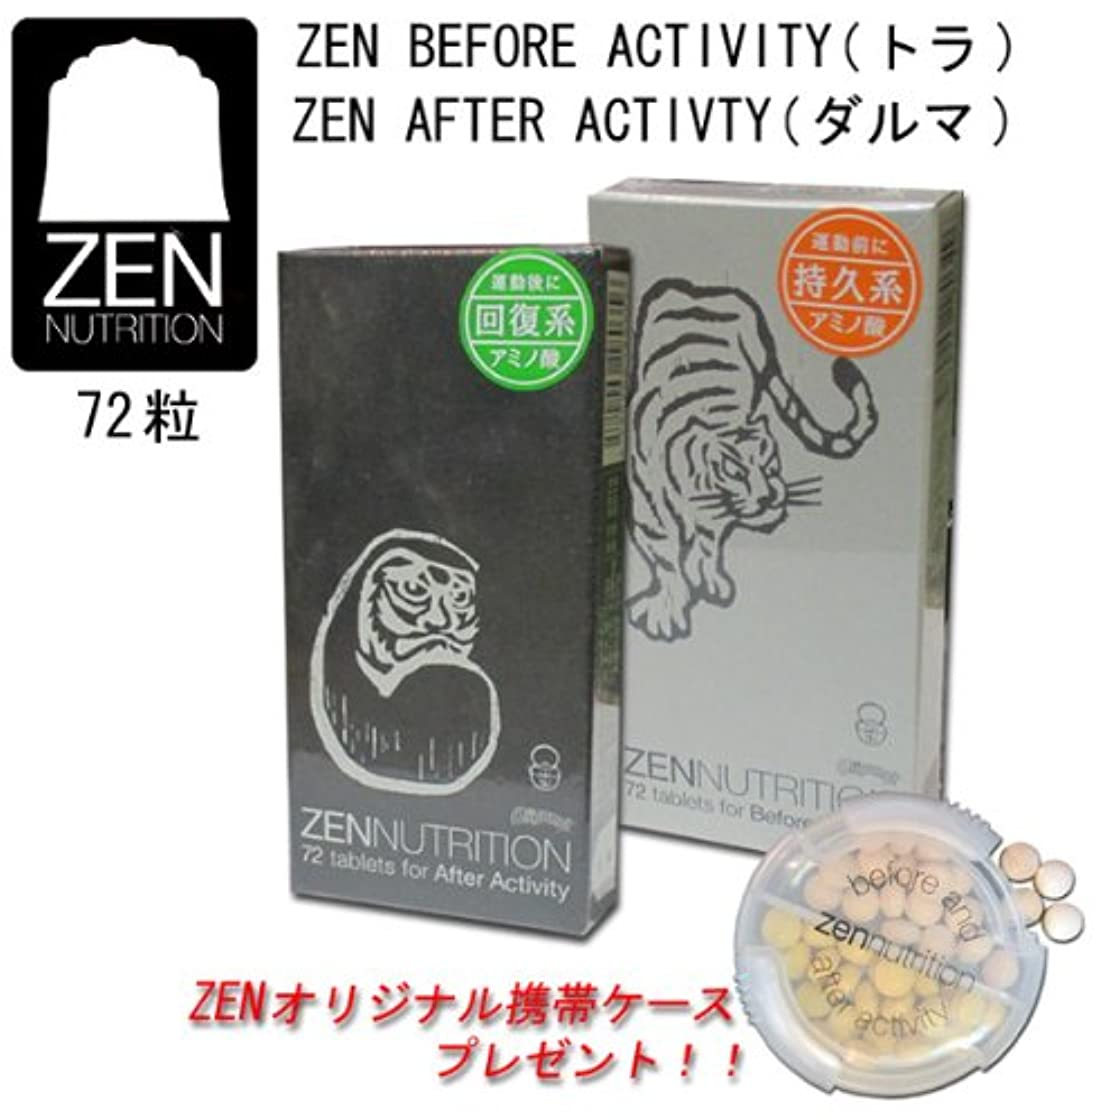 切るお尻弁護士ZenスーパードライブEX&リロードEXセット(エコボックスM) ゼンサプリメントセットがお得携帯ケースプレゼント アミノ酸